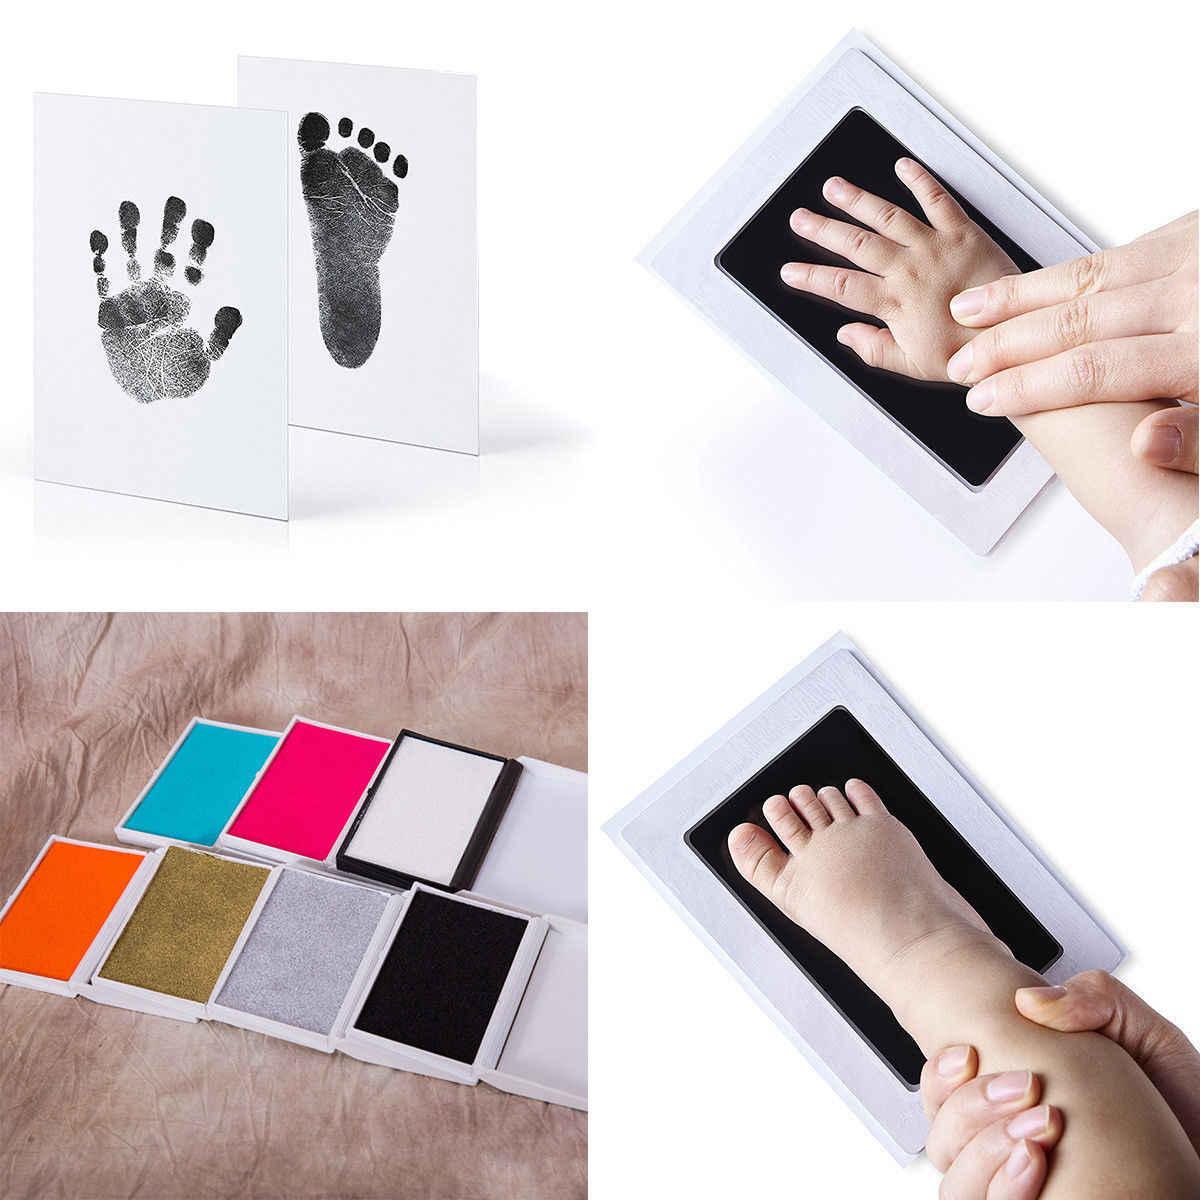 มือเด็กเท้าพิมพ์ชุด Magic Inkless Art Keepsake Baby Footprint ผู้ผลิตใหม่ Mummy - Mum เป็นชุดของขวัญ